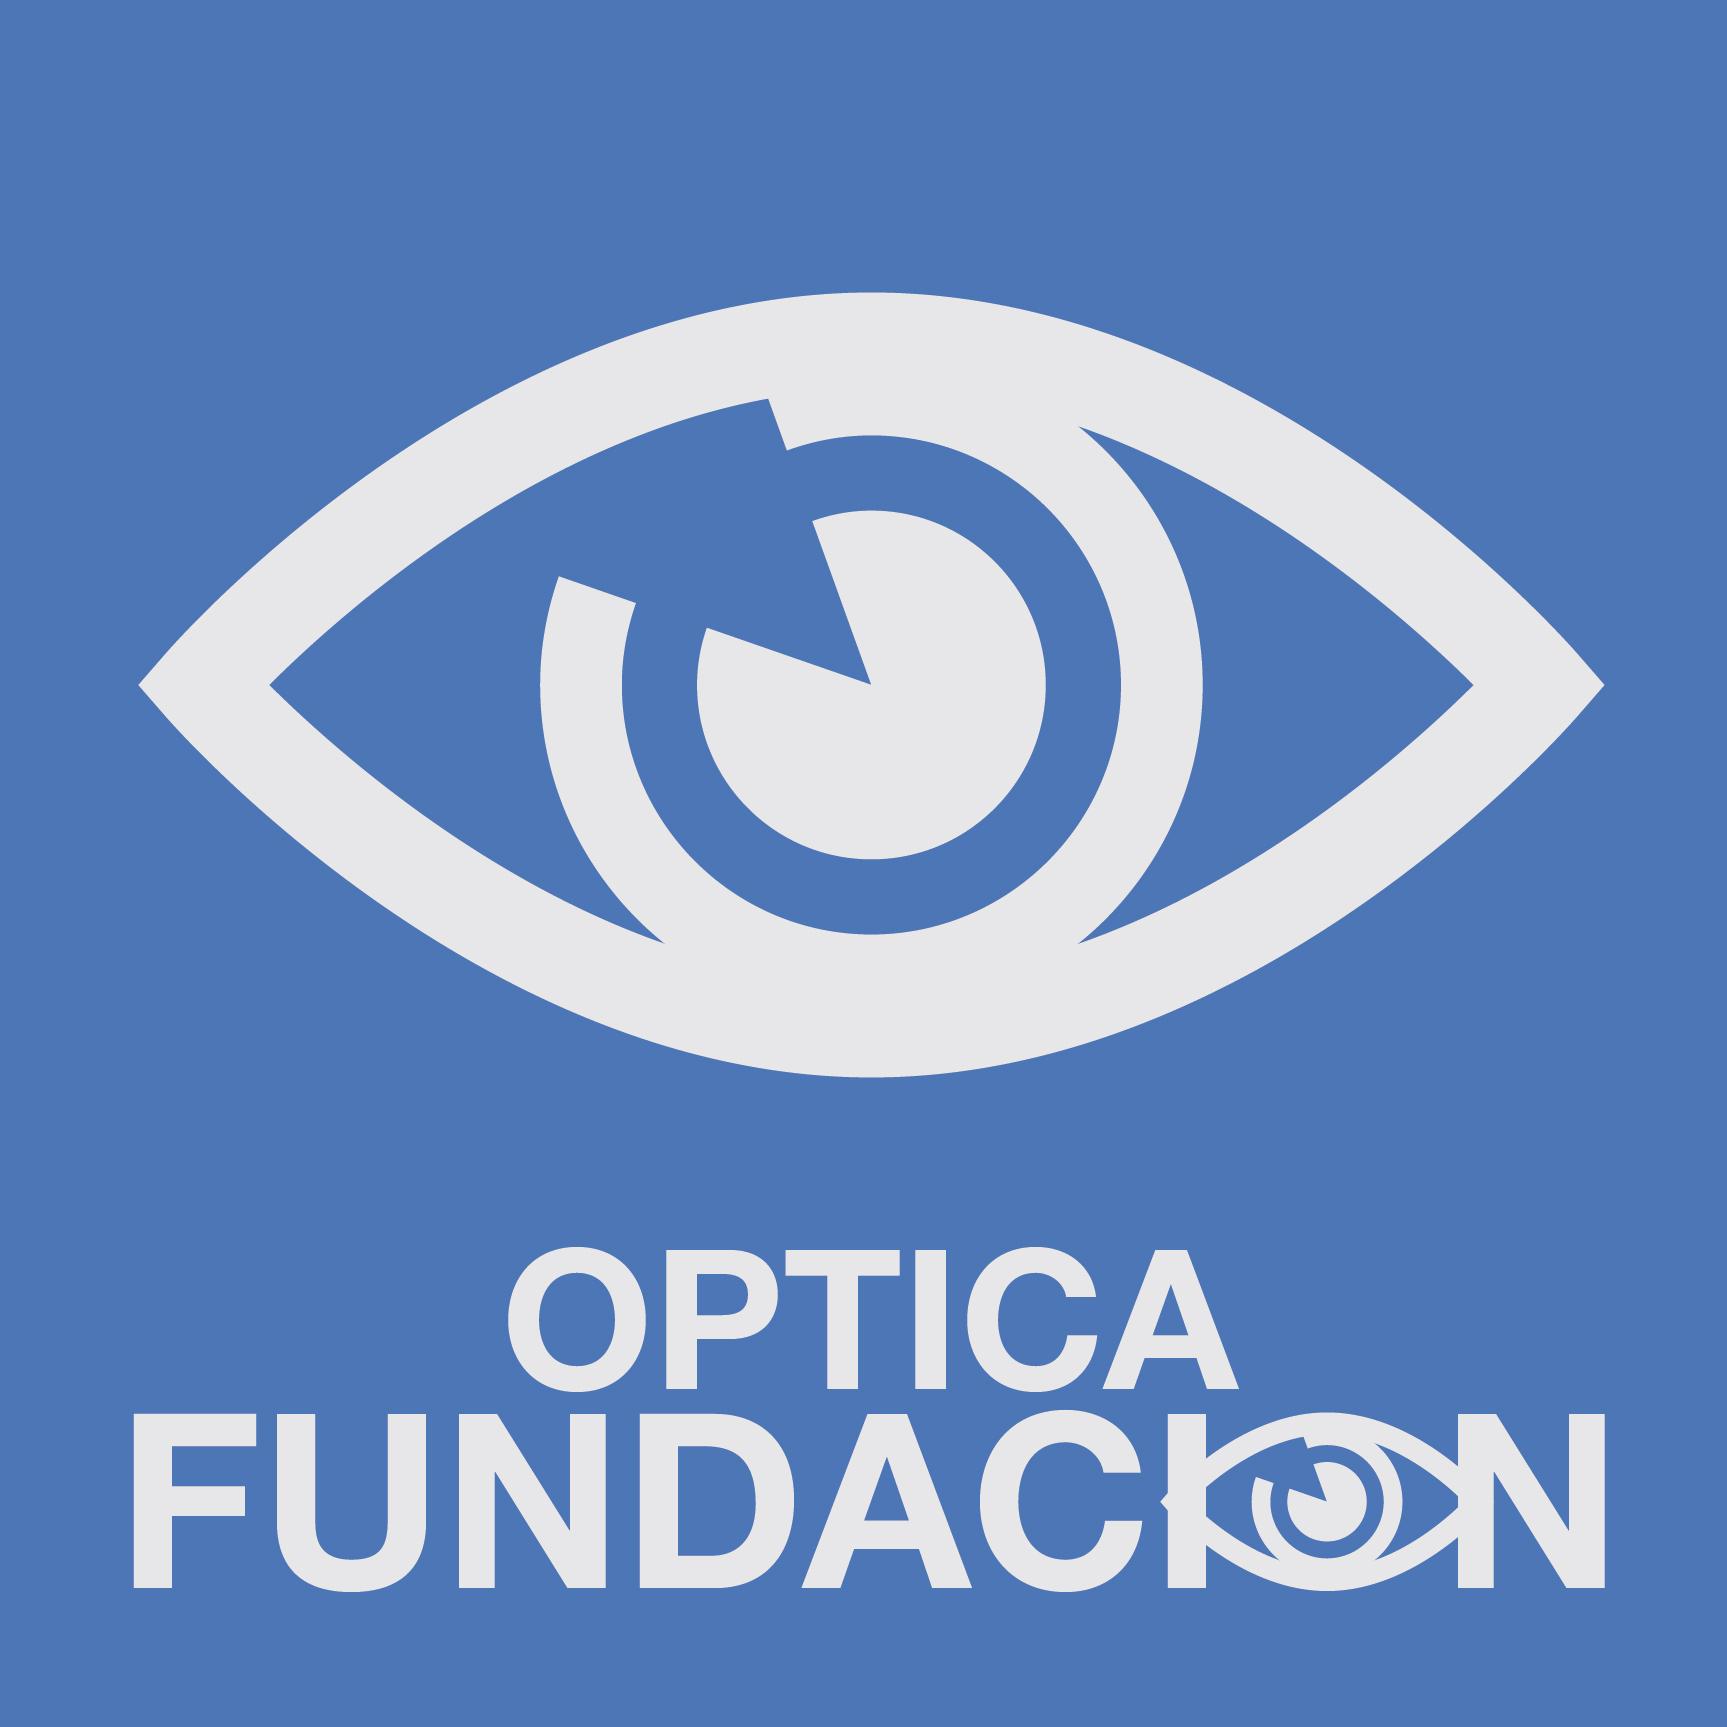 5d1c9dbc68 Óptica Fundación - Sucursal Belgrano - Dirección y teléfono de Óptica  Fundación - Sucursal Belgrano